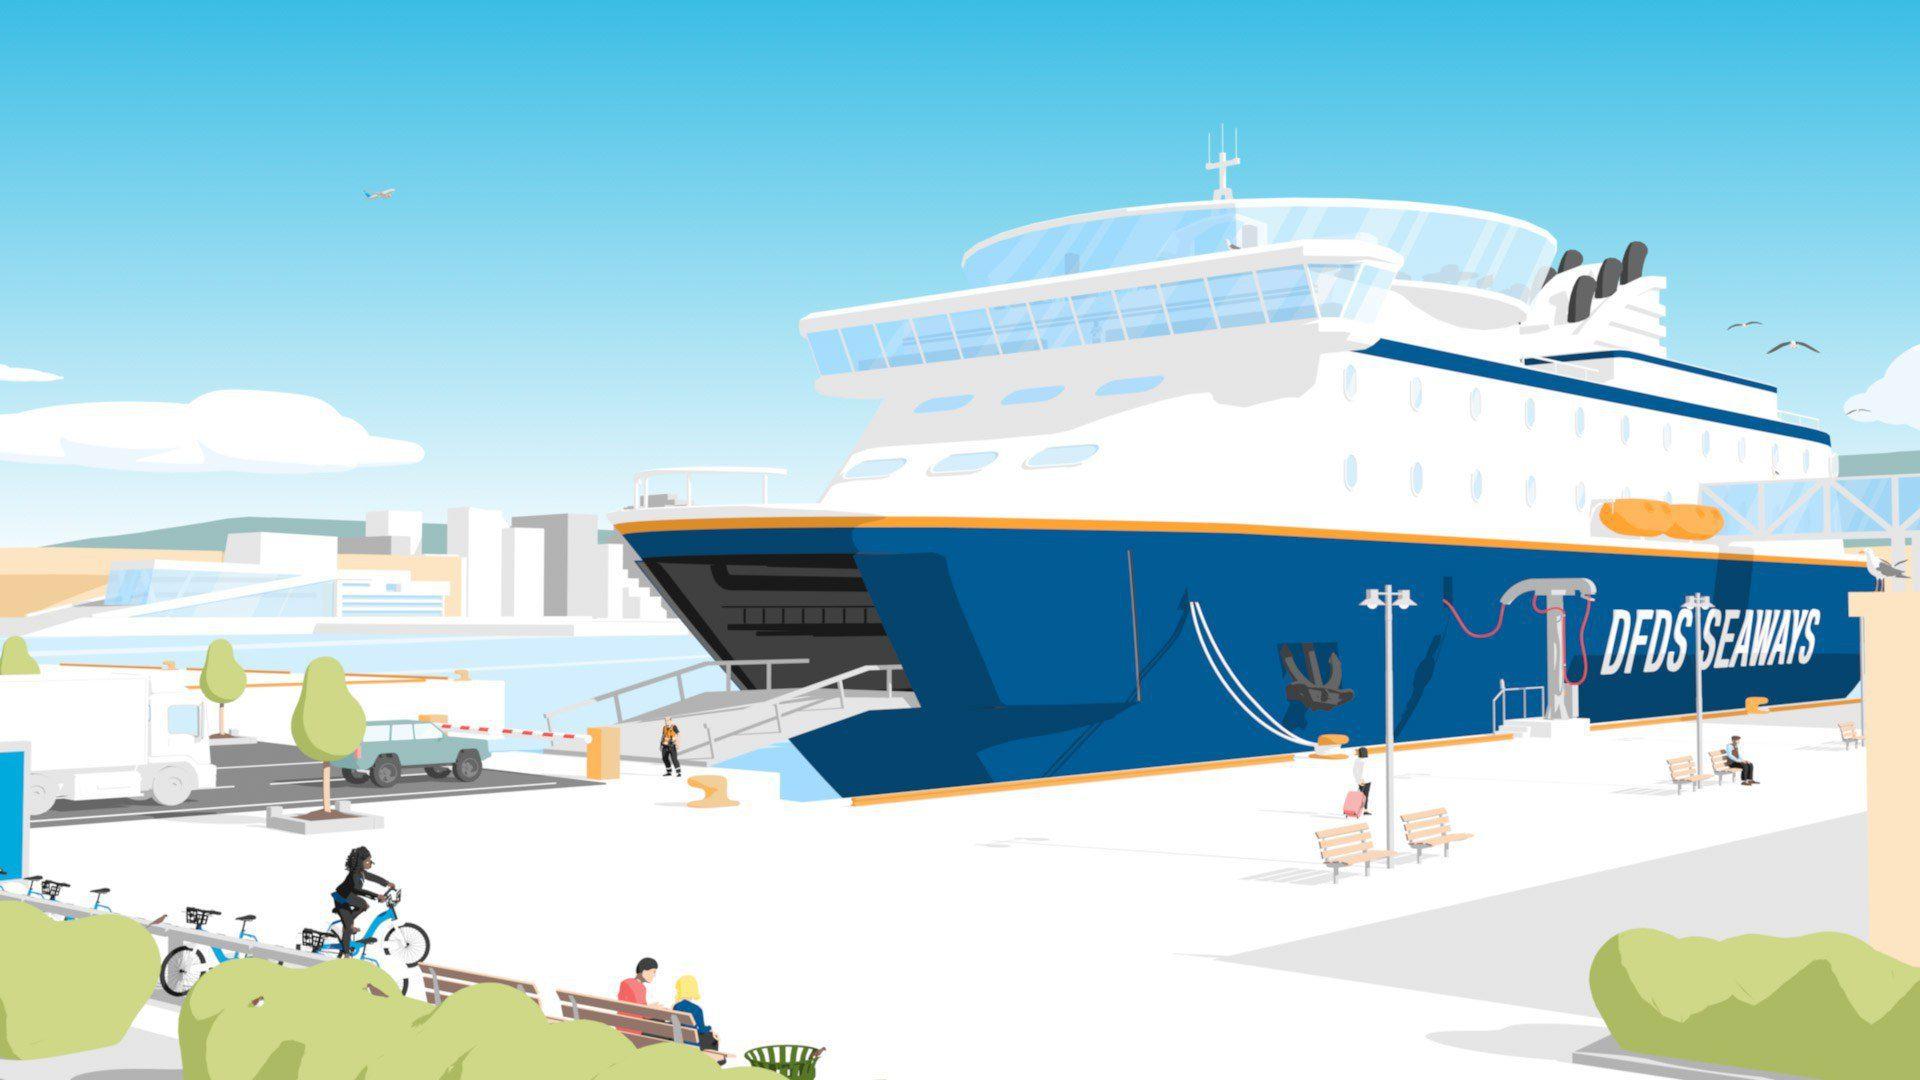 2d animasjon lagd i 3d for hafslund av dfds seaways som er ved bryggen på vippetangen karakterer fyller opp bryggen